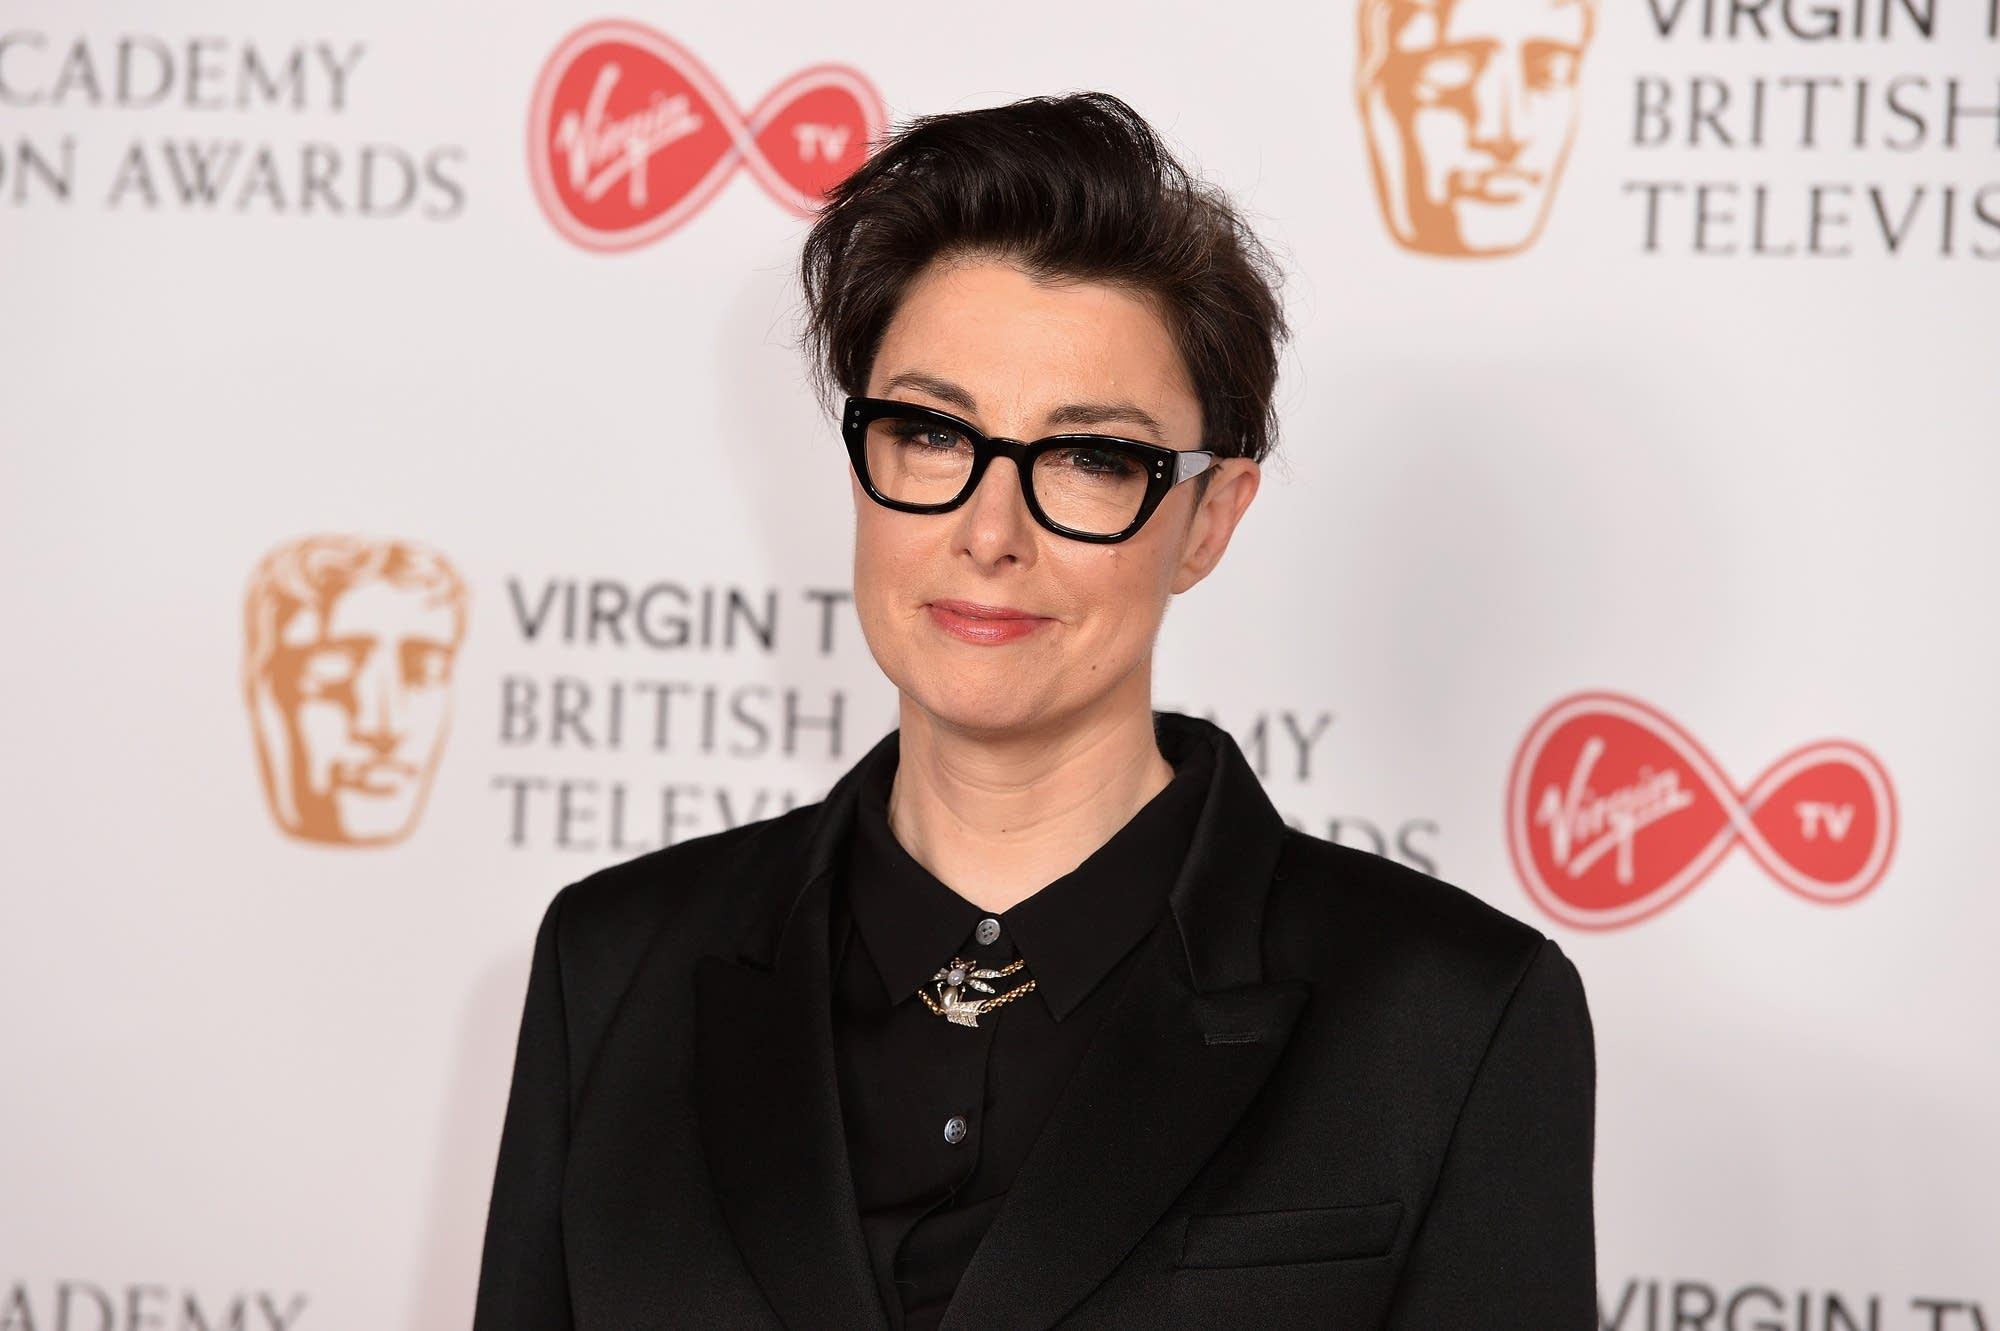 Sue Perkins at the BAFTA Awards